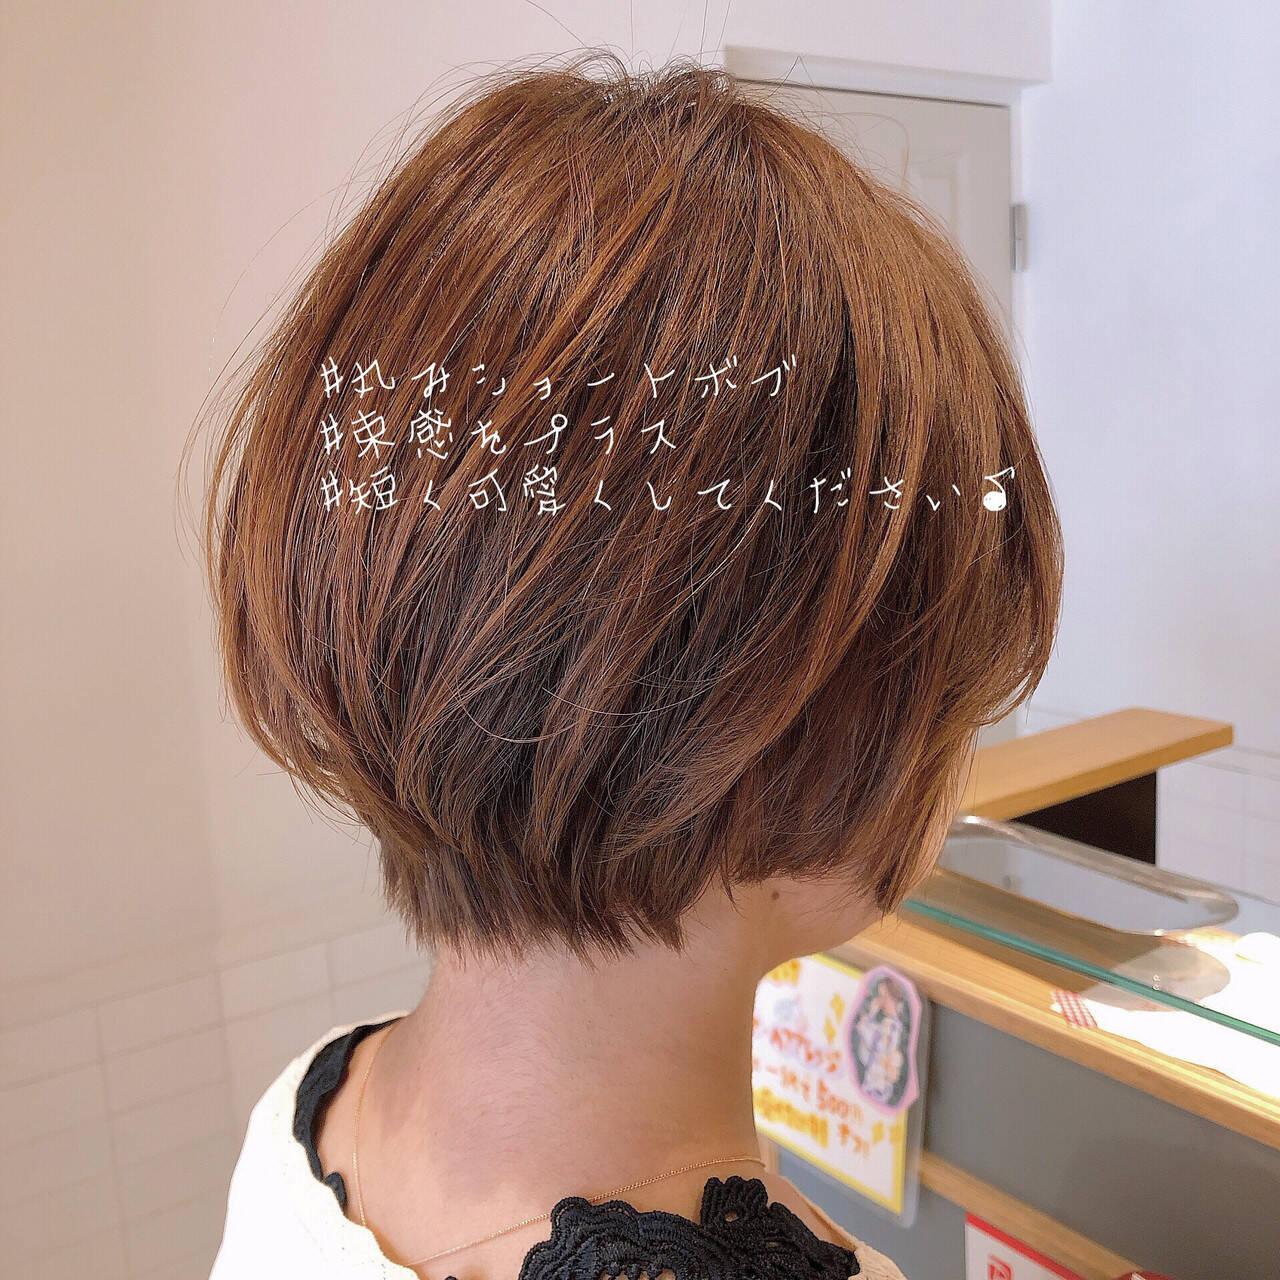 ナチュラル 大人可愛い ハイライト アンニュイほつれヘアヘアスタイルや髪型の写真・画像